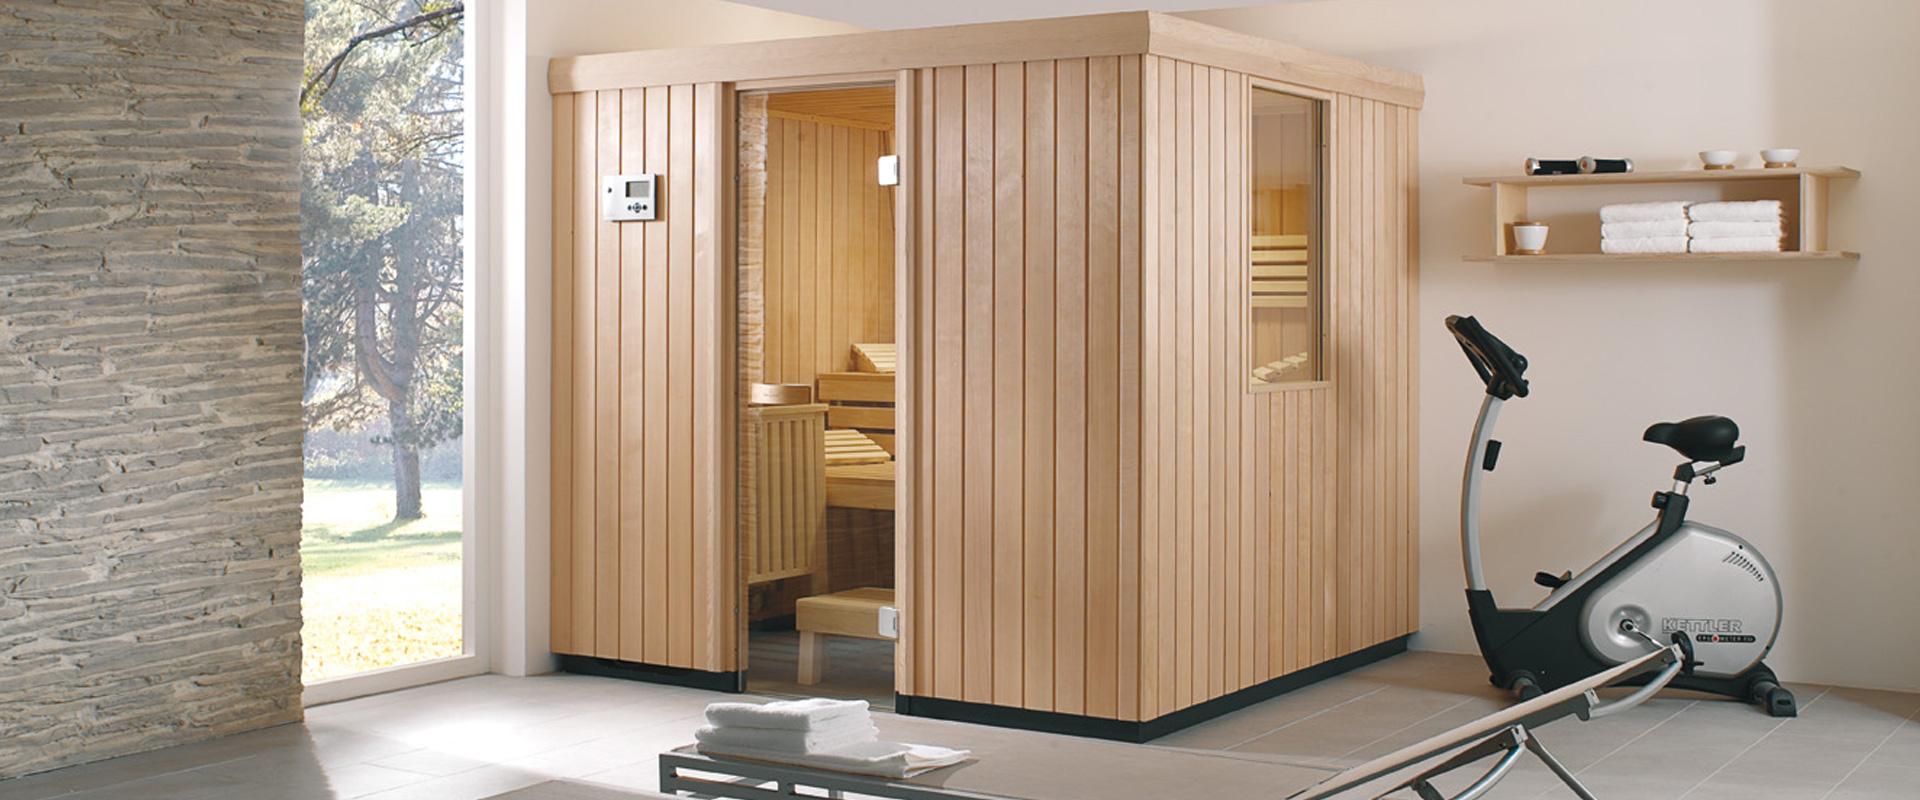 Cabina Bao Cheap Cuarto De Bao Image With Cabina De Bao Cabinas De - Cabina-sauna